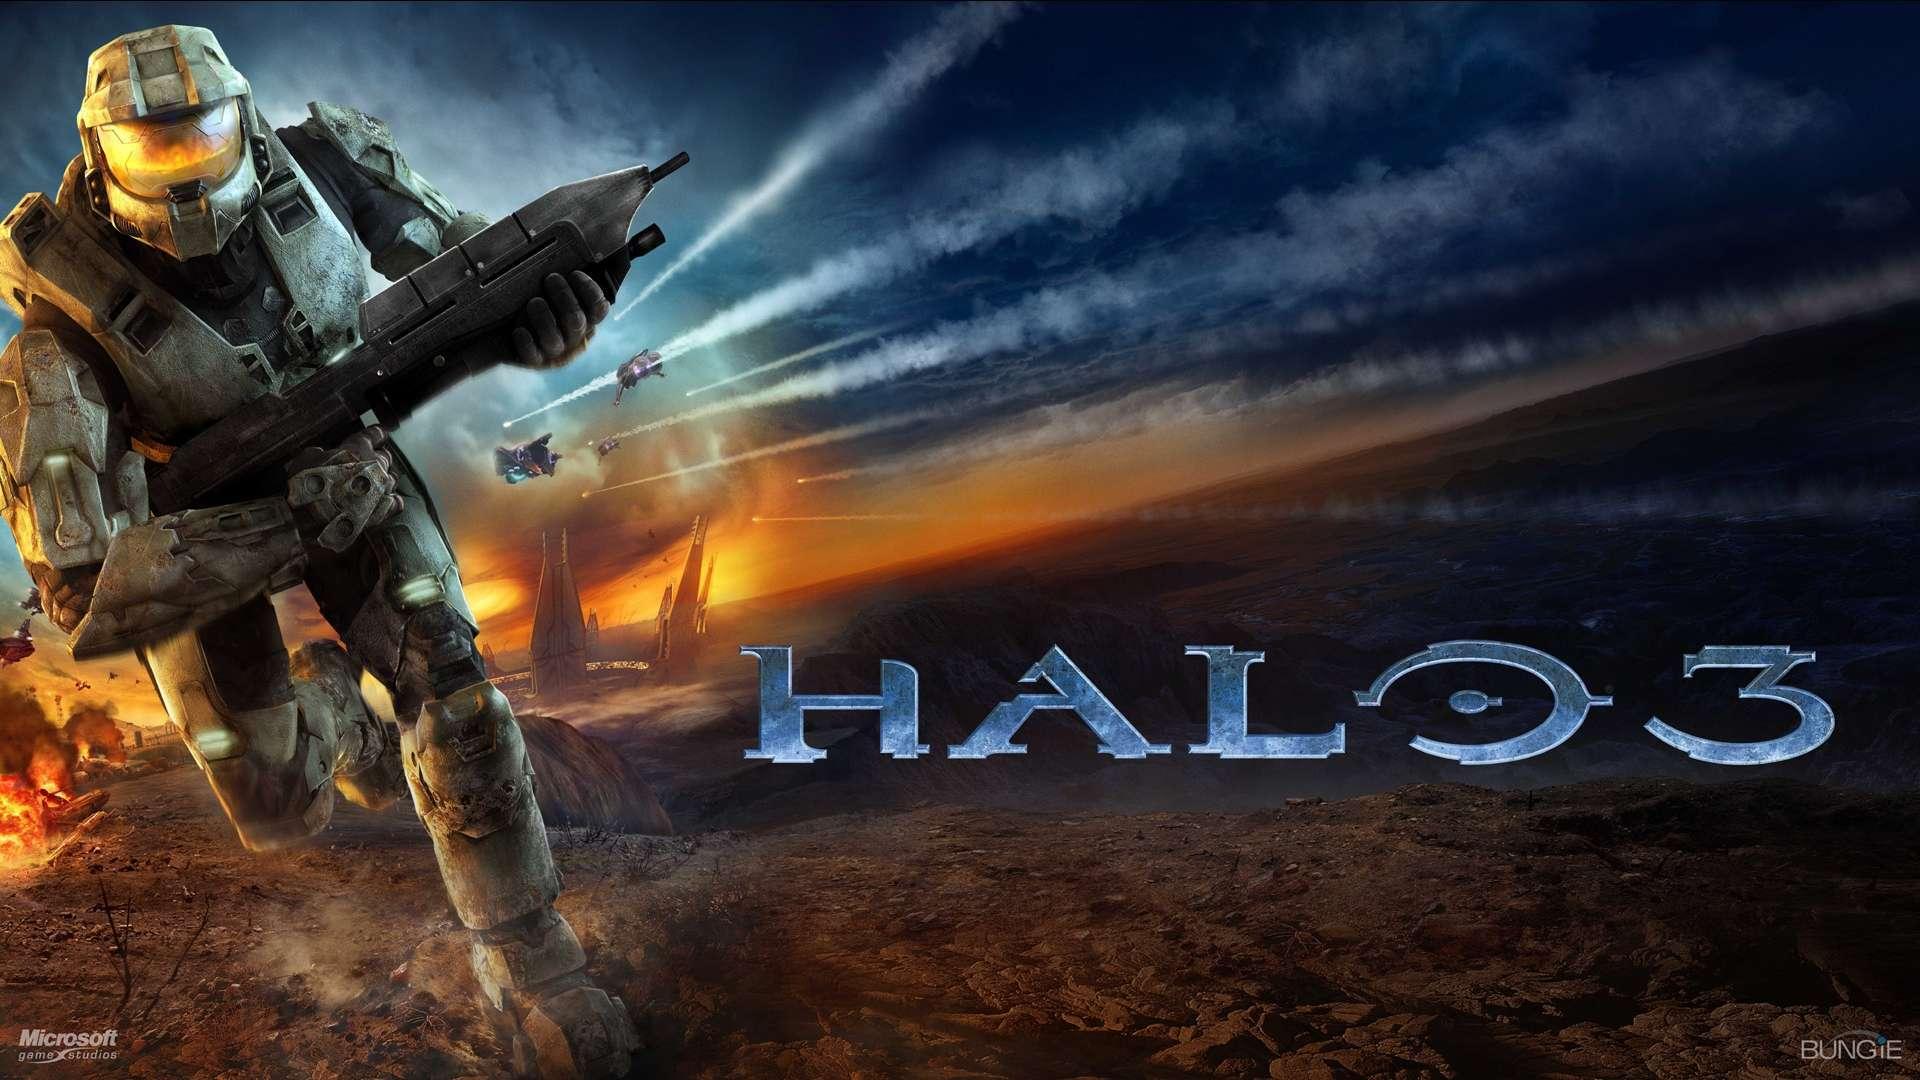 Wallpaper Halo 3 Hd Wallpaper Upload at October 23 2014 by Adam Fox 1920x1080